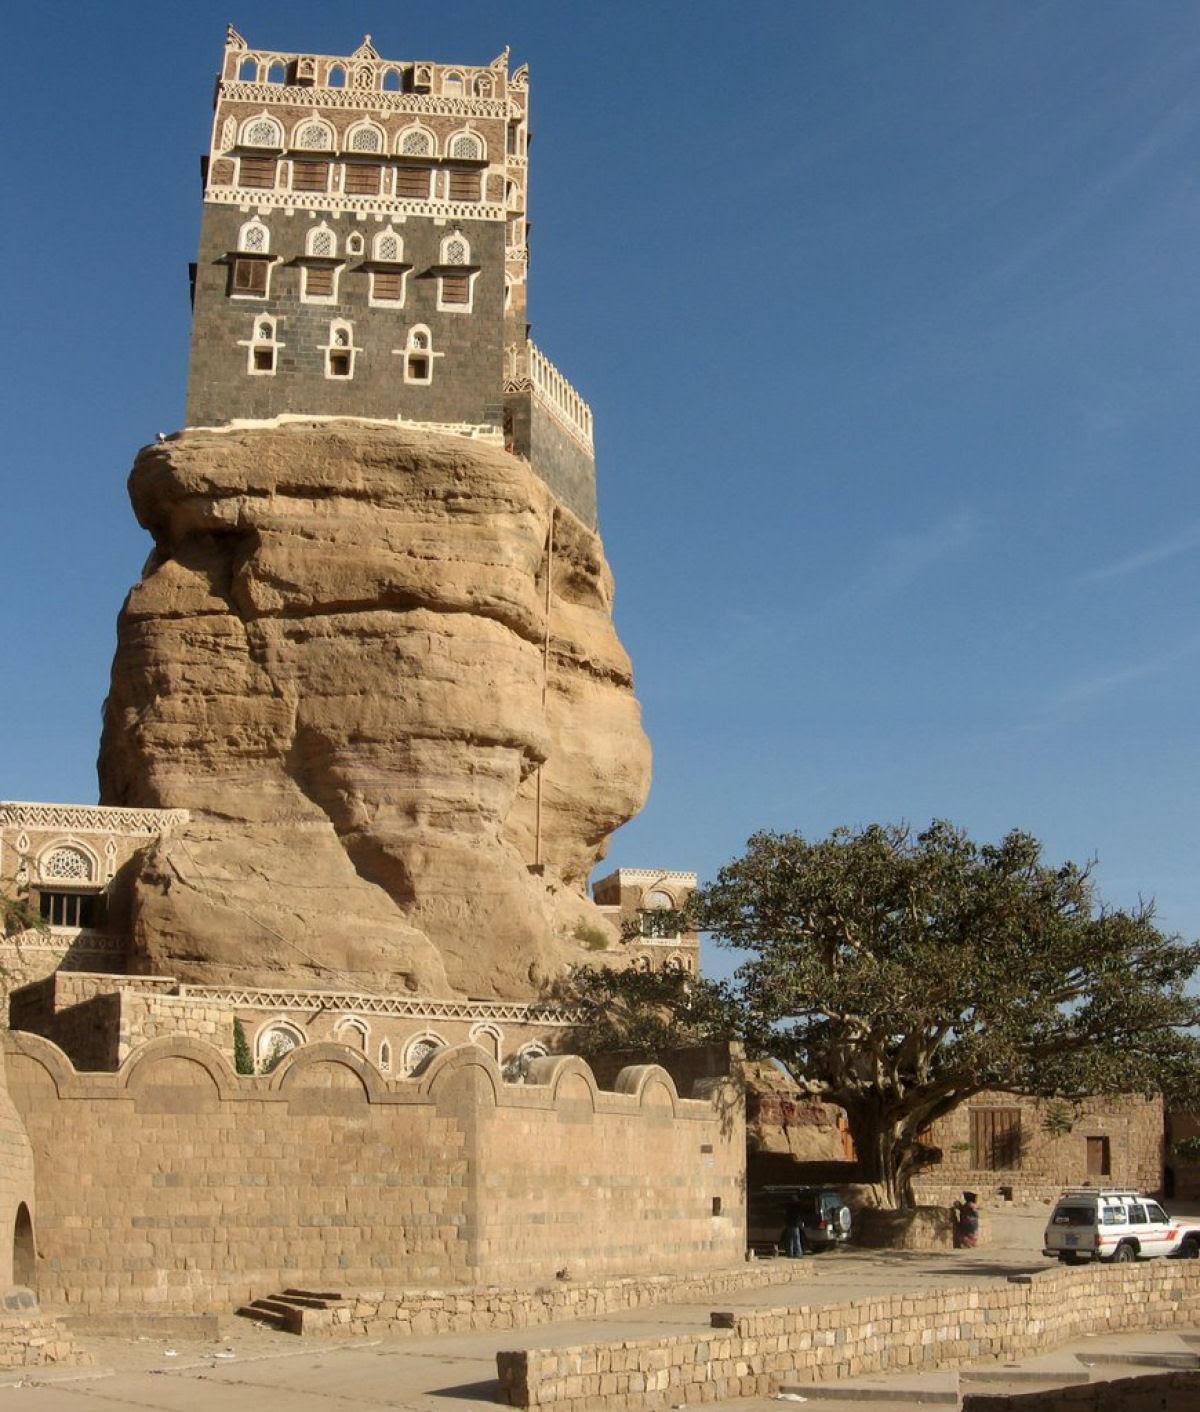 Al Hajjarah, a cidade da Idade Média com edifícios de vários andares 08